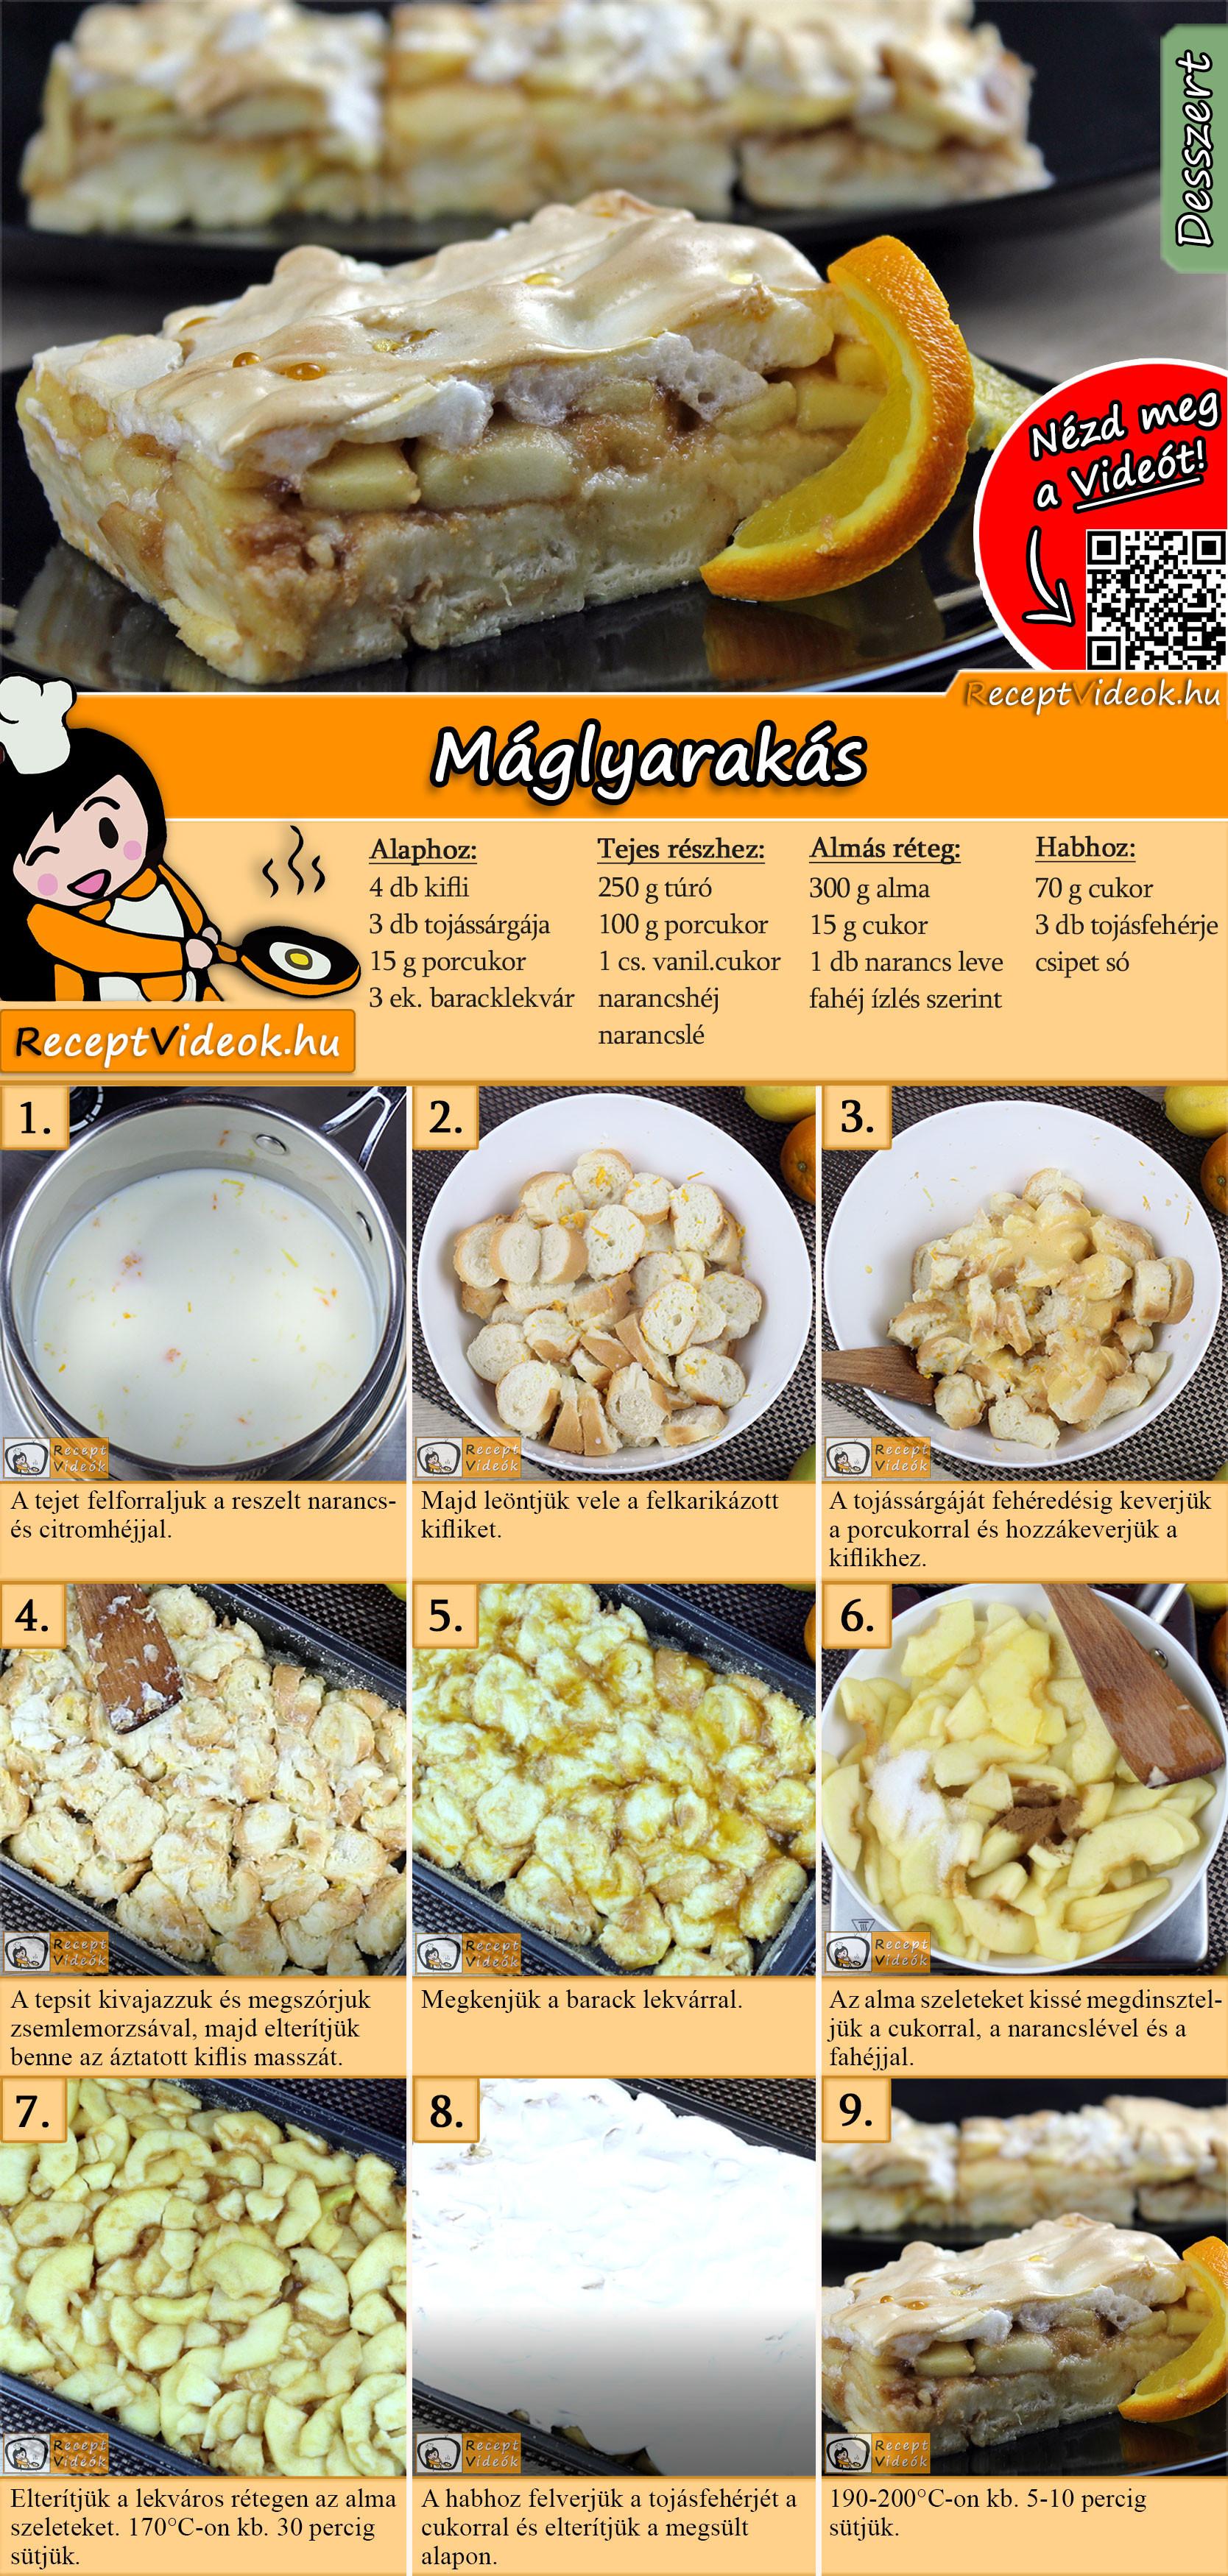 Máglyarakás recept elkészítése videóval